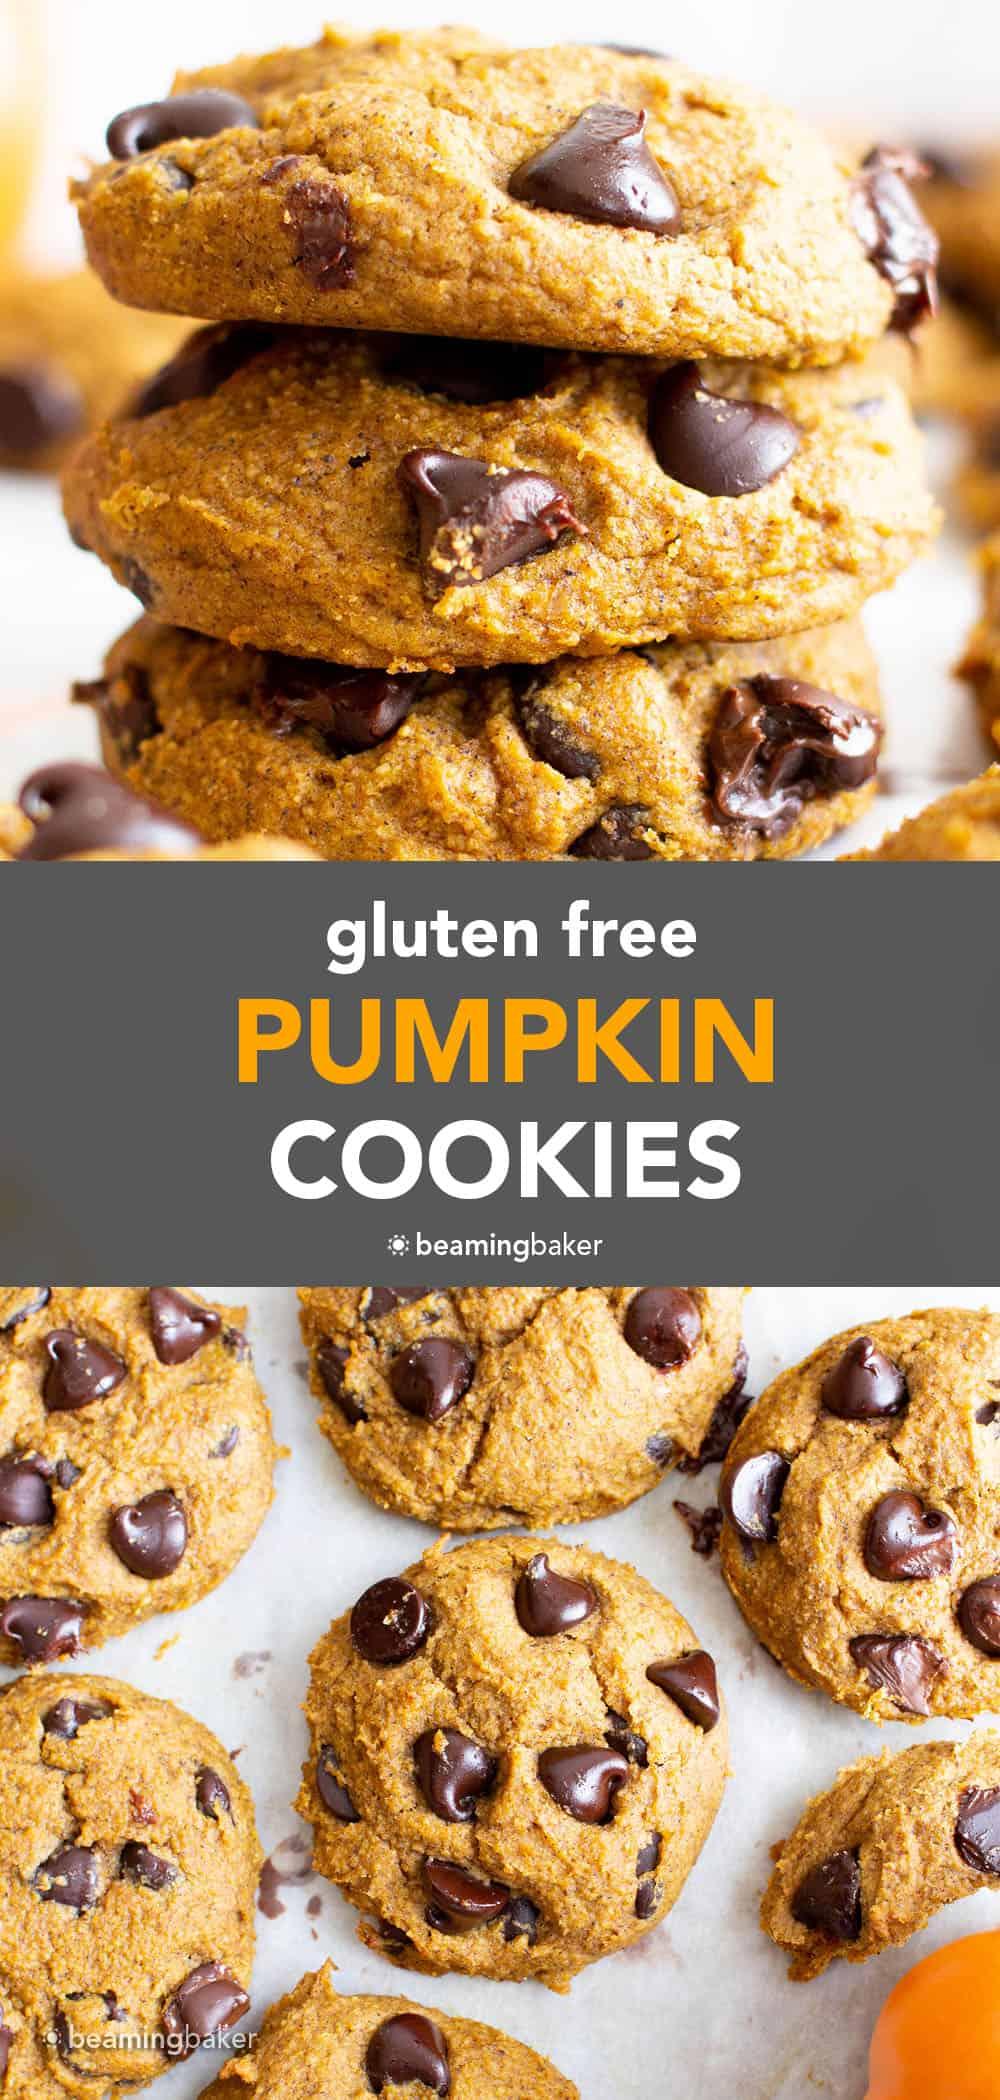 Gluten Free Pumpkin Cookies (Vegan): soft 'n fluffy gluten free pumpkin cookies bursting with chocolate chips! An easy recipe for moist, cake-like vegan gluten free pumpkin cookies with warm fall spices. #GlutenFree #Pumpkin #Cookies #Vegan   Recipe at BeamingBaker.com